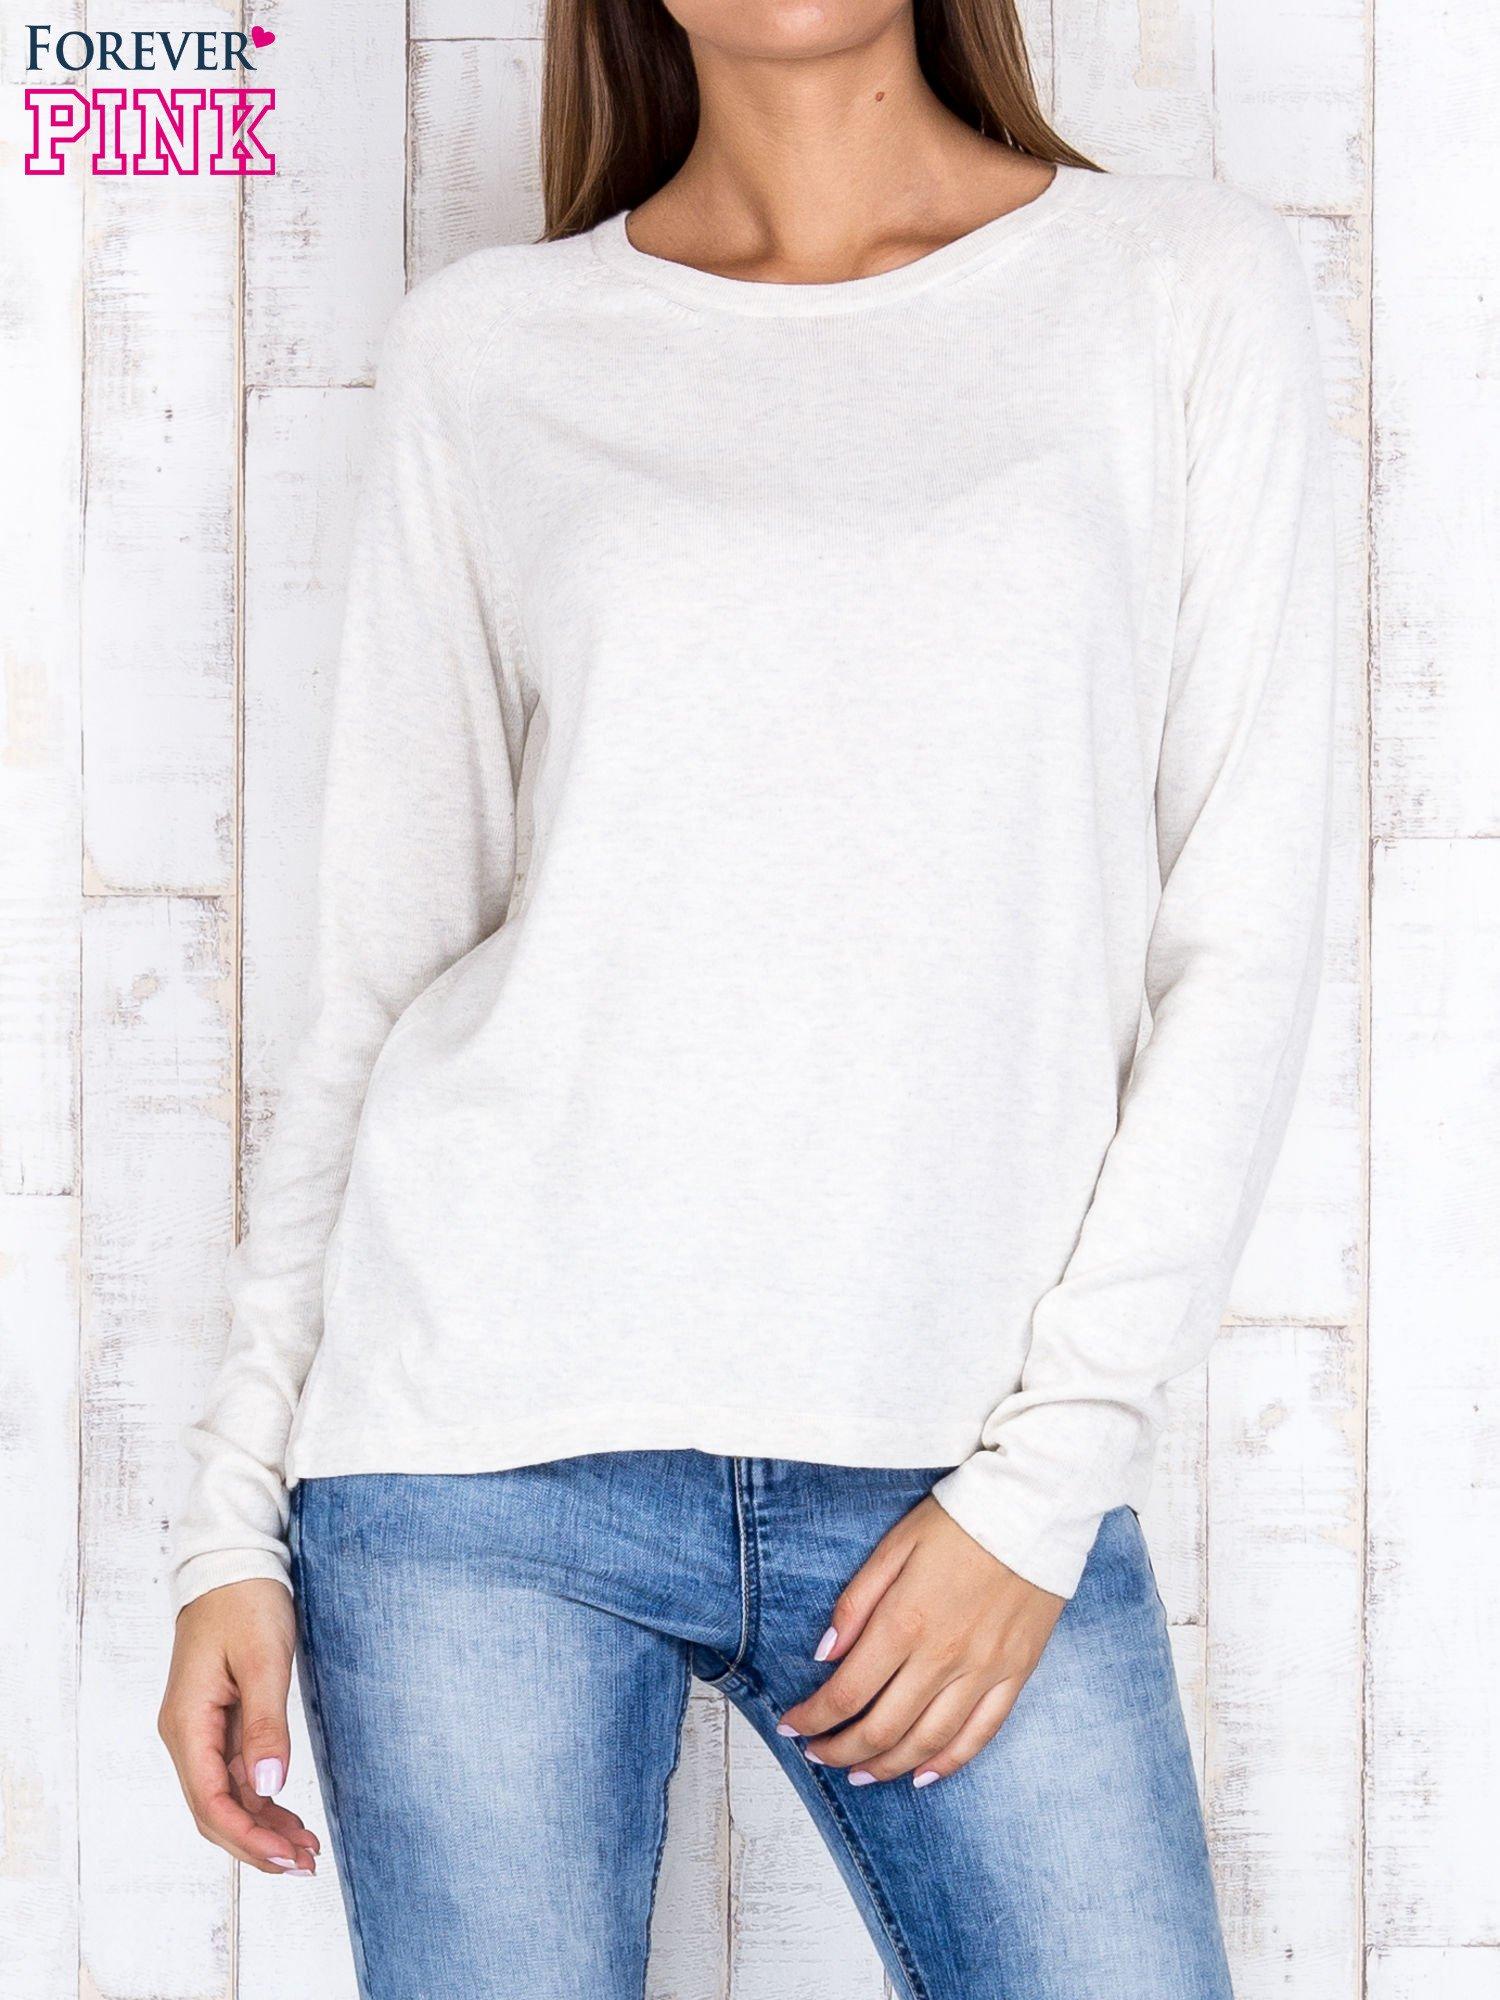 Jasnobeżowy sweter z dłuższym tyłem i zakładką na plecach                                  zdj.                                  1